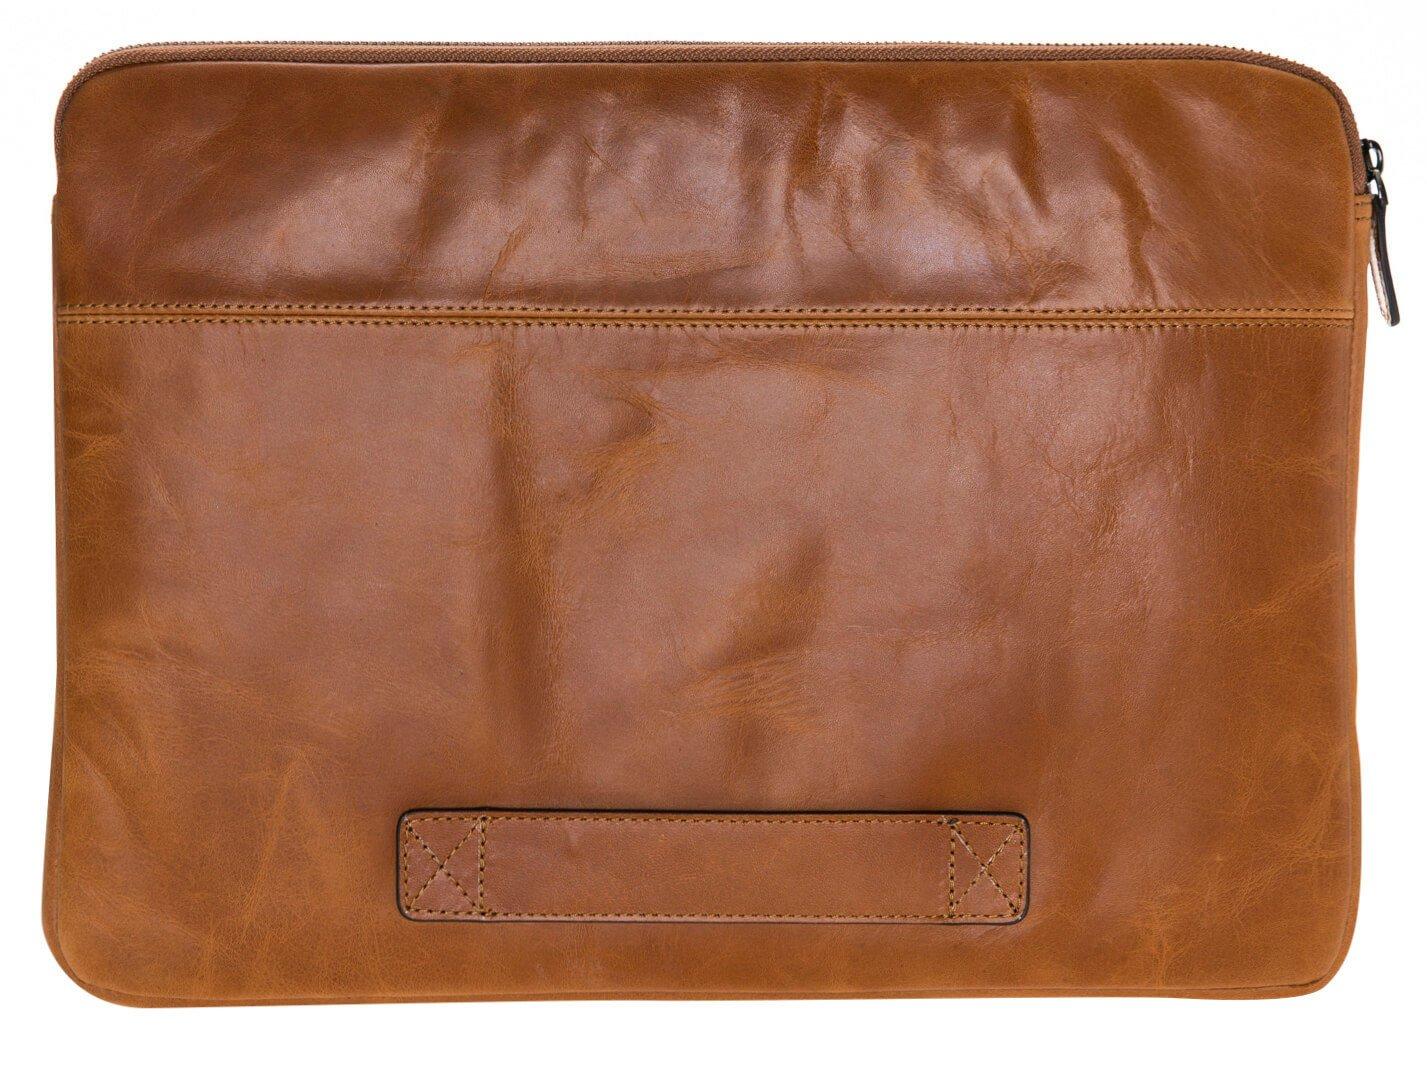 """Ledertasche für das Apple MacBook Pro 15/16 Zoll """"Awenta"""" Tasche aus echtem Leder in Cognac Braun"""